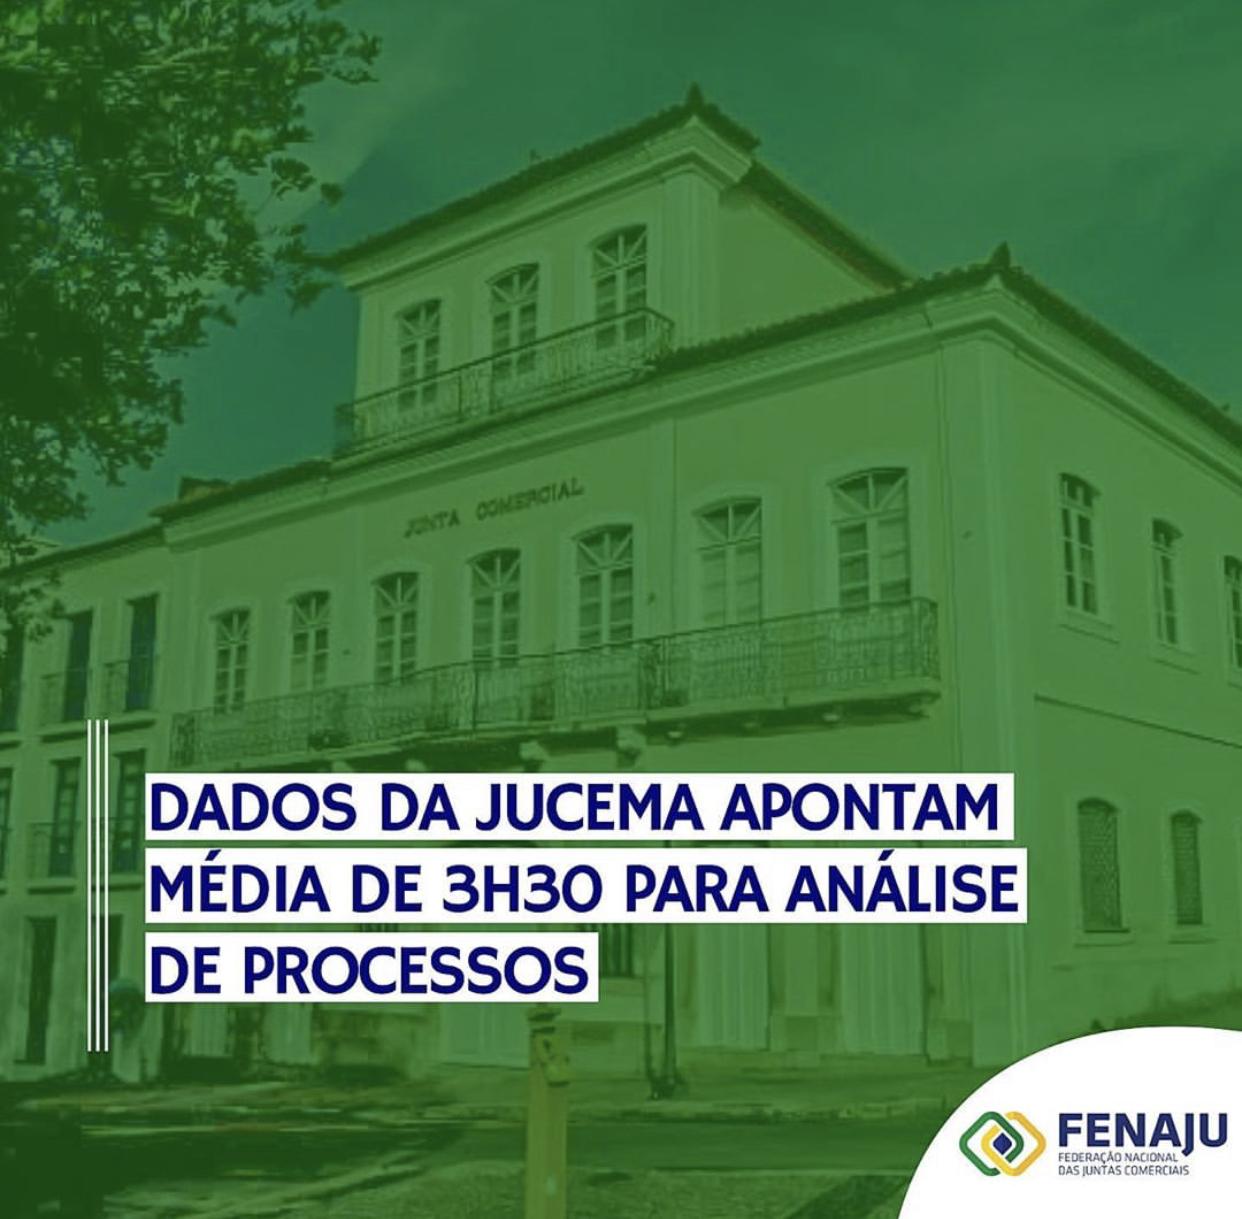 Dados da JUCEMA apontam média de 3h30 para análise de processos no Maranhão